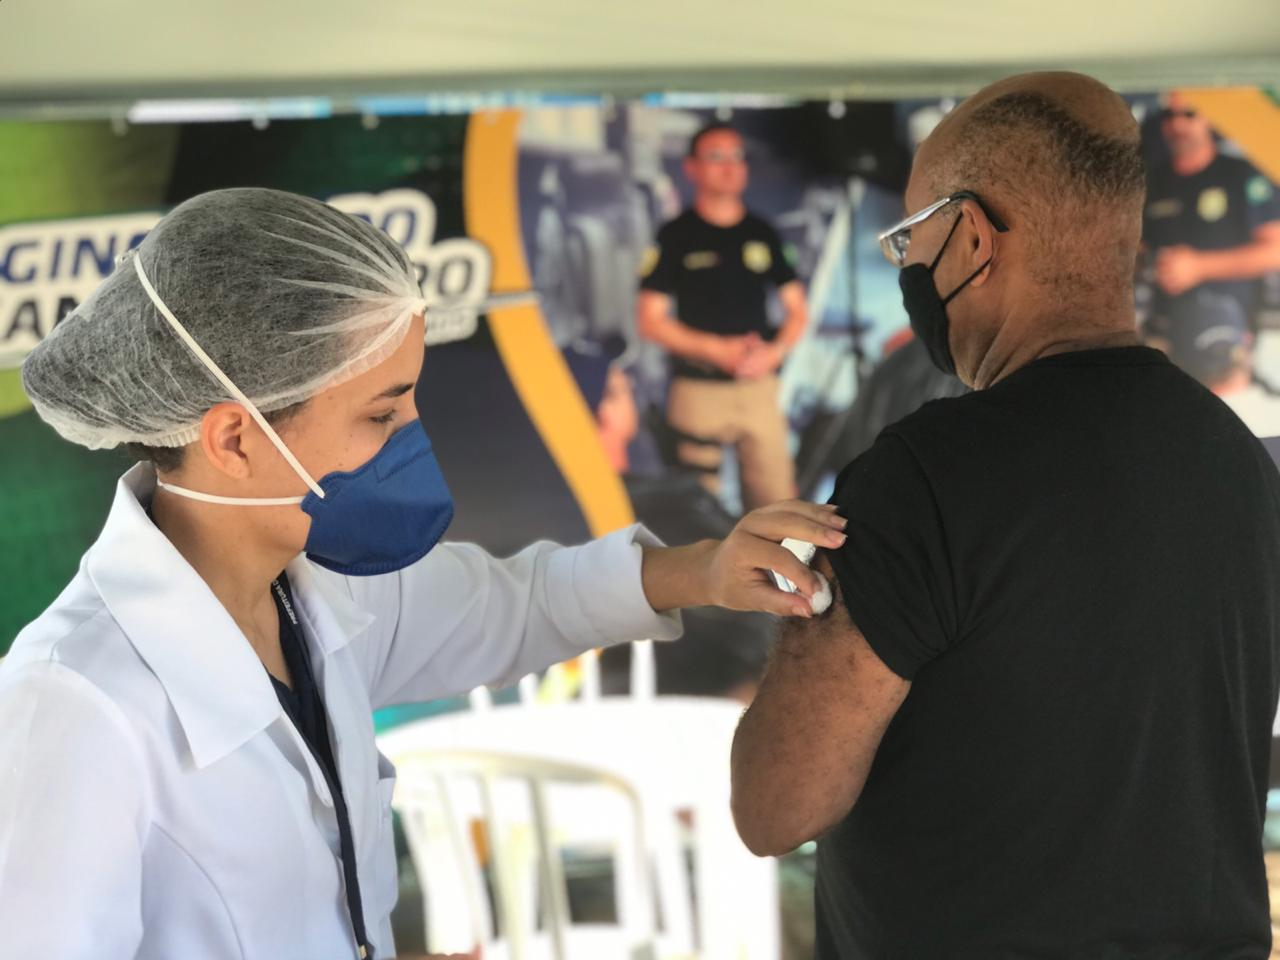 29ª Gincana do Caminhoneiro chega à Marília/SP: estradeiros terão testes rápidos de Covid-19 e atendimento à saúde